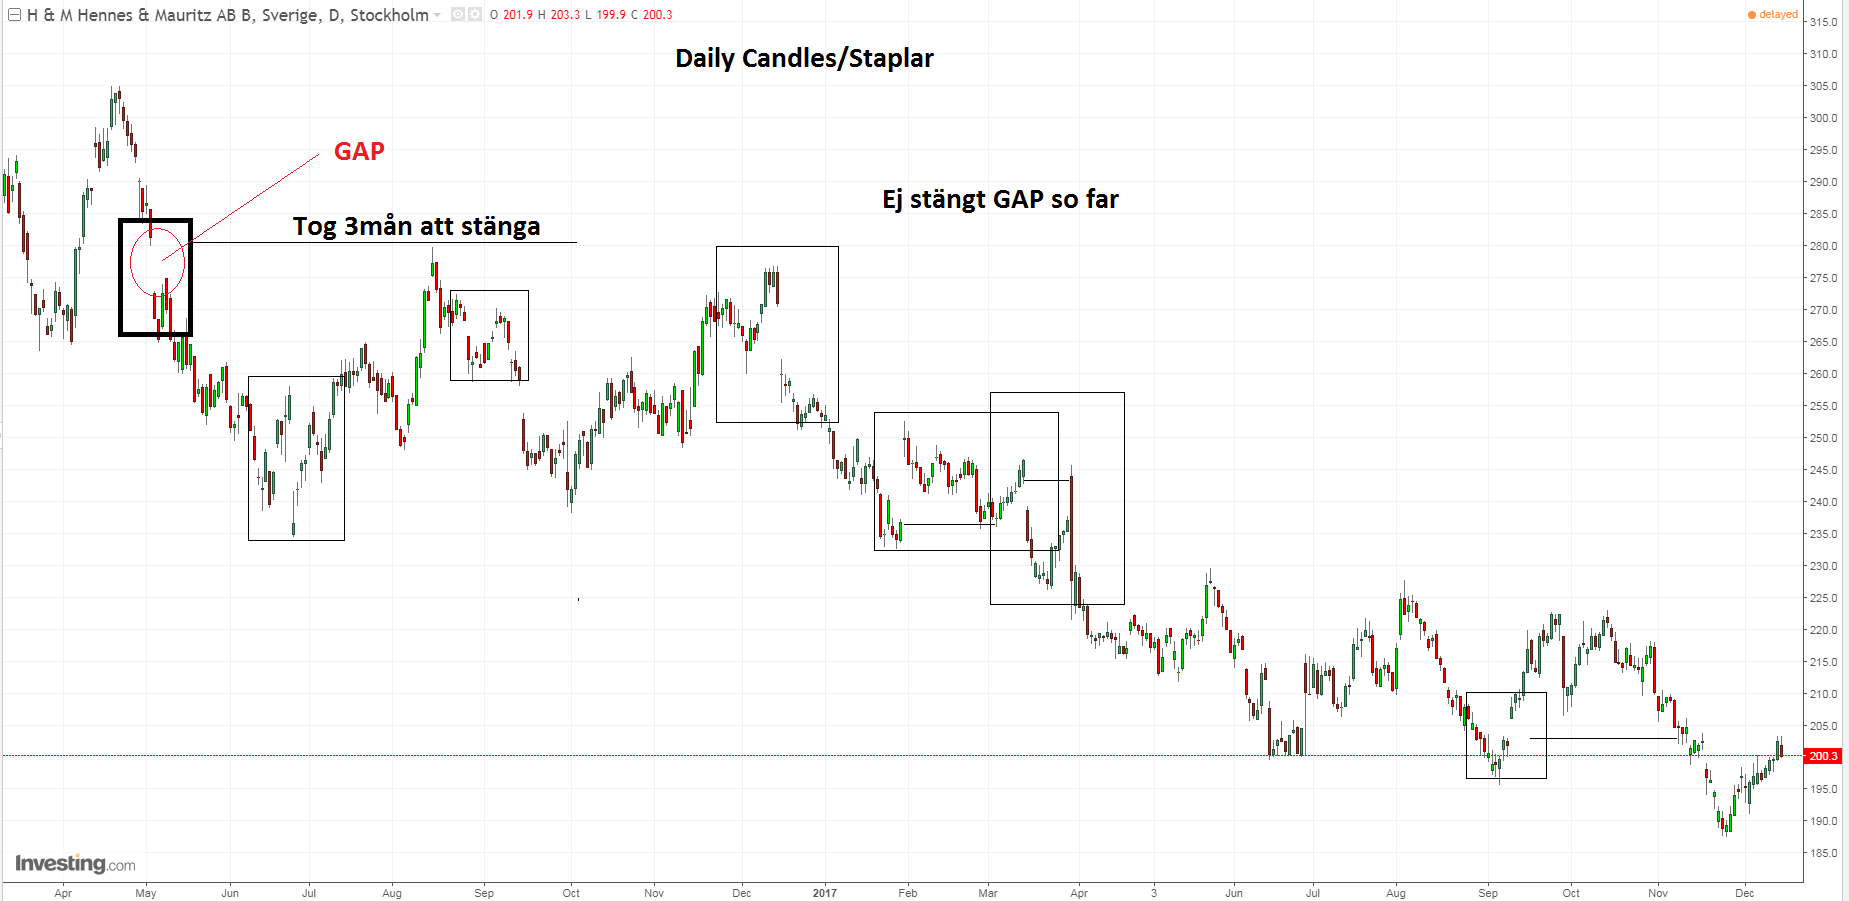 HM b aktien från investing.com. Ovan är en candle-stick graf där varje stapel motsvarar en dags handel i HM.